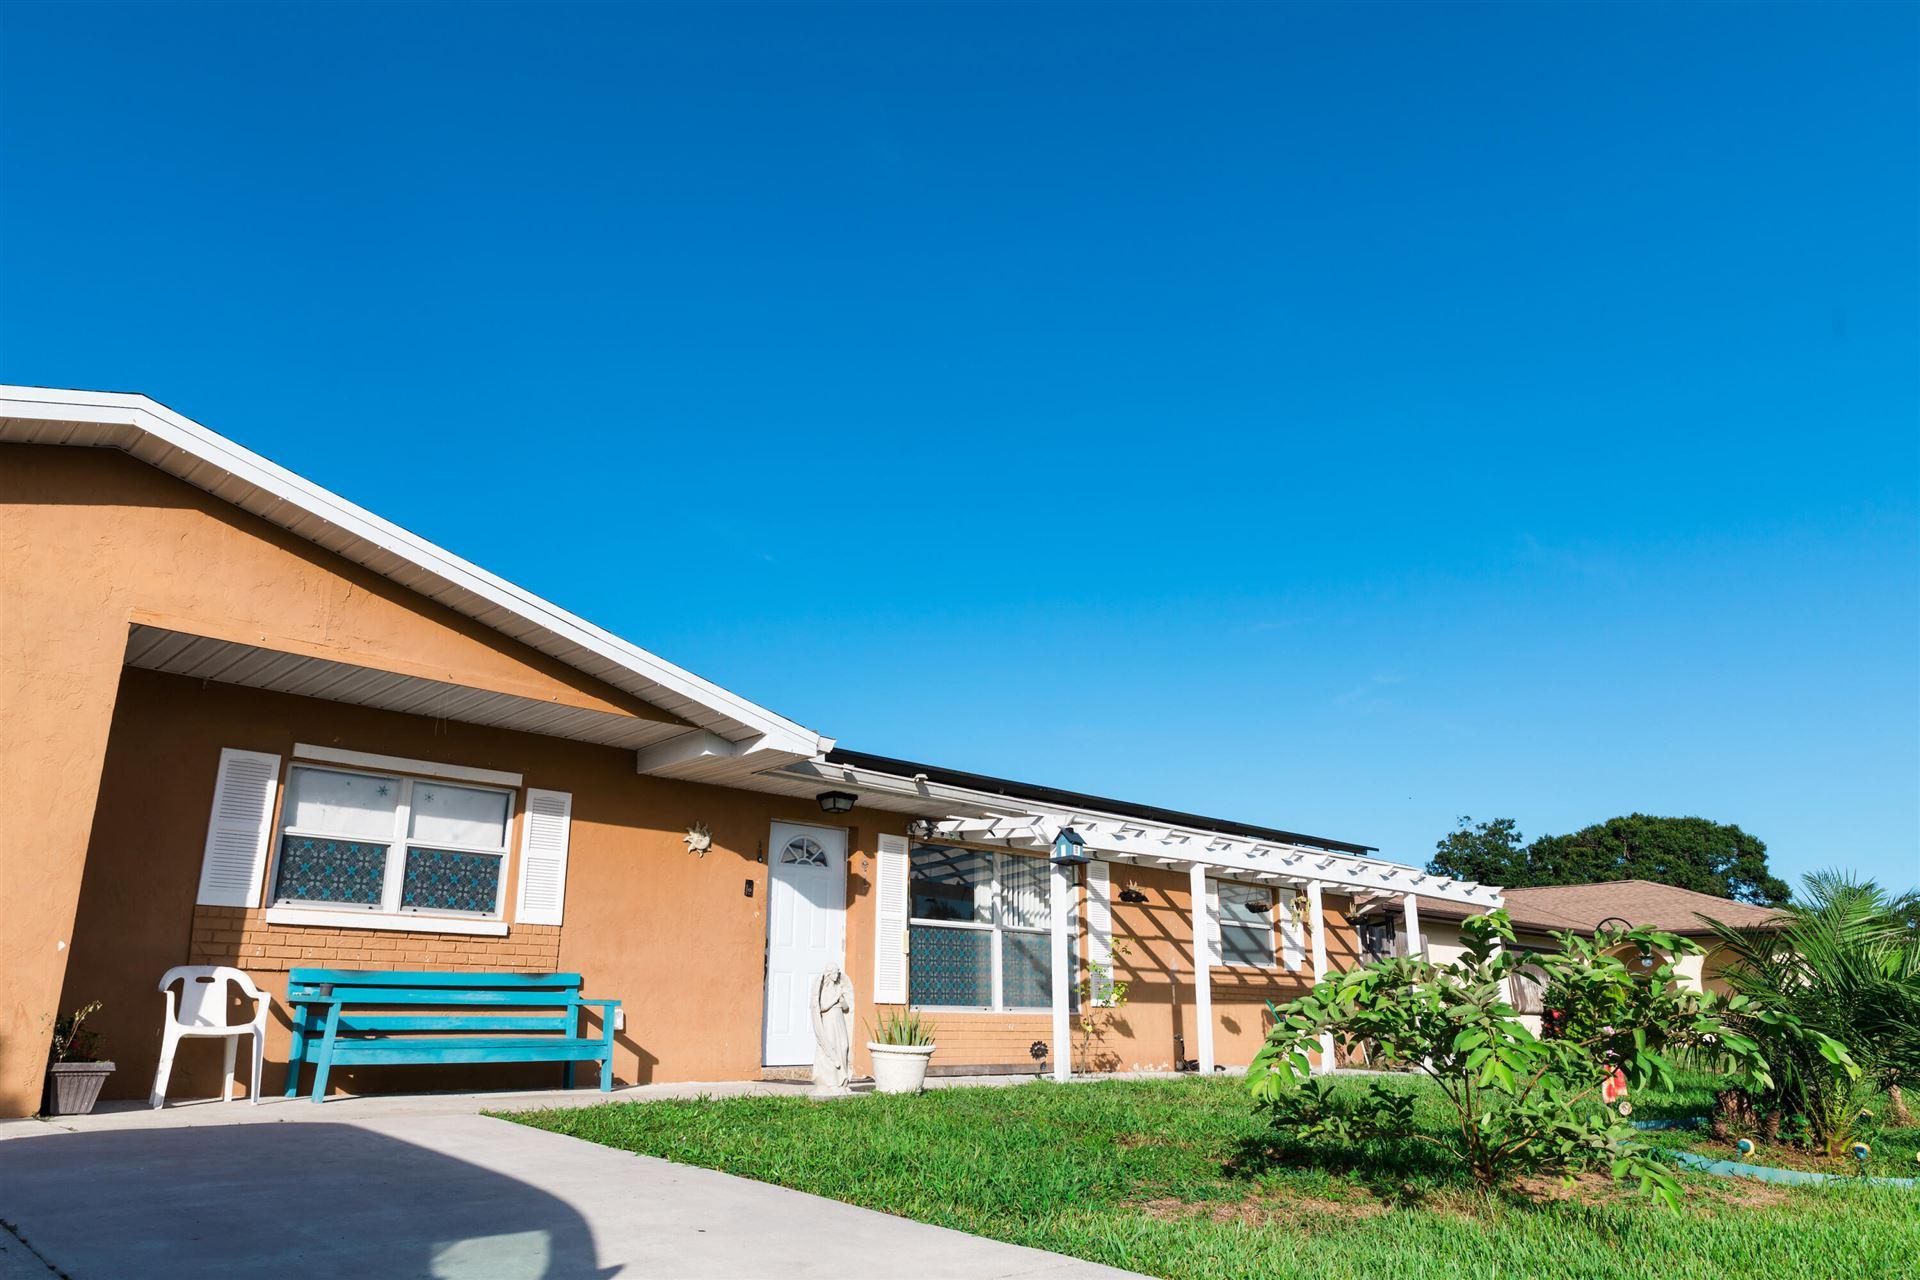 435 SE Asbury Lane, Port Saint Lucie, FL 34983 - #: RX-10732236